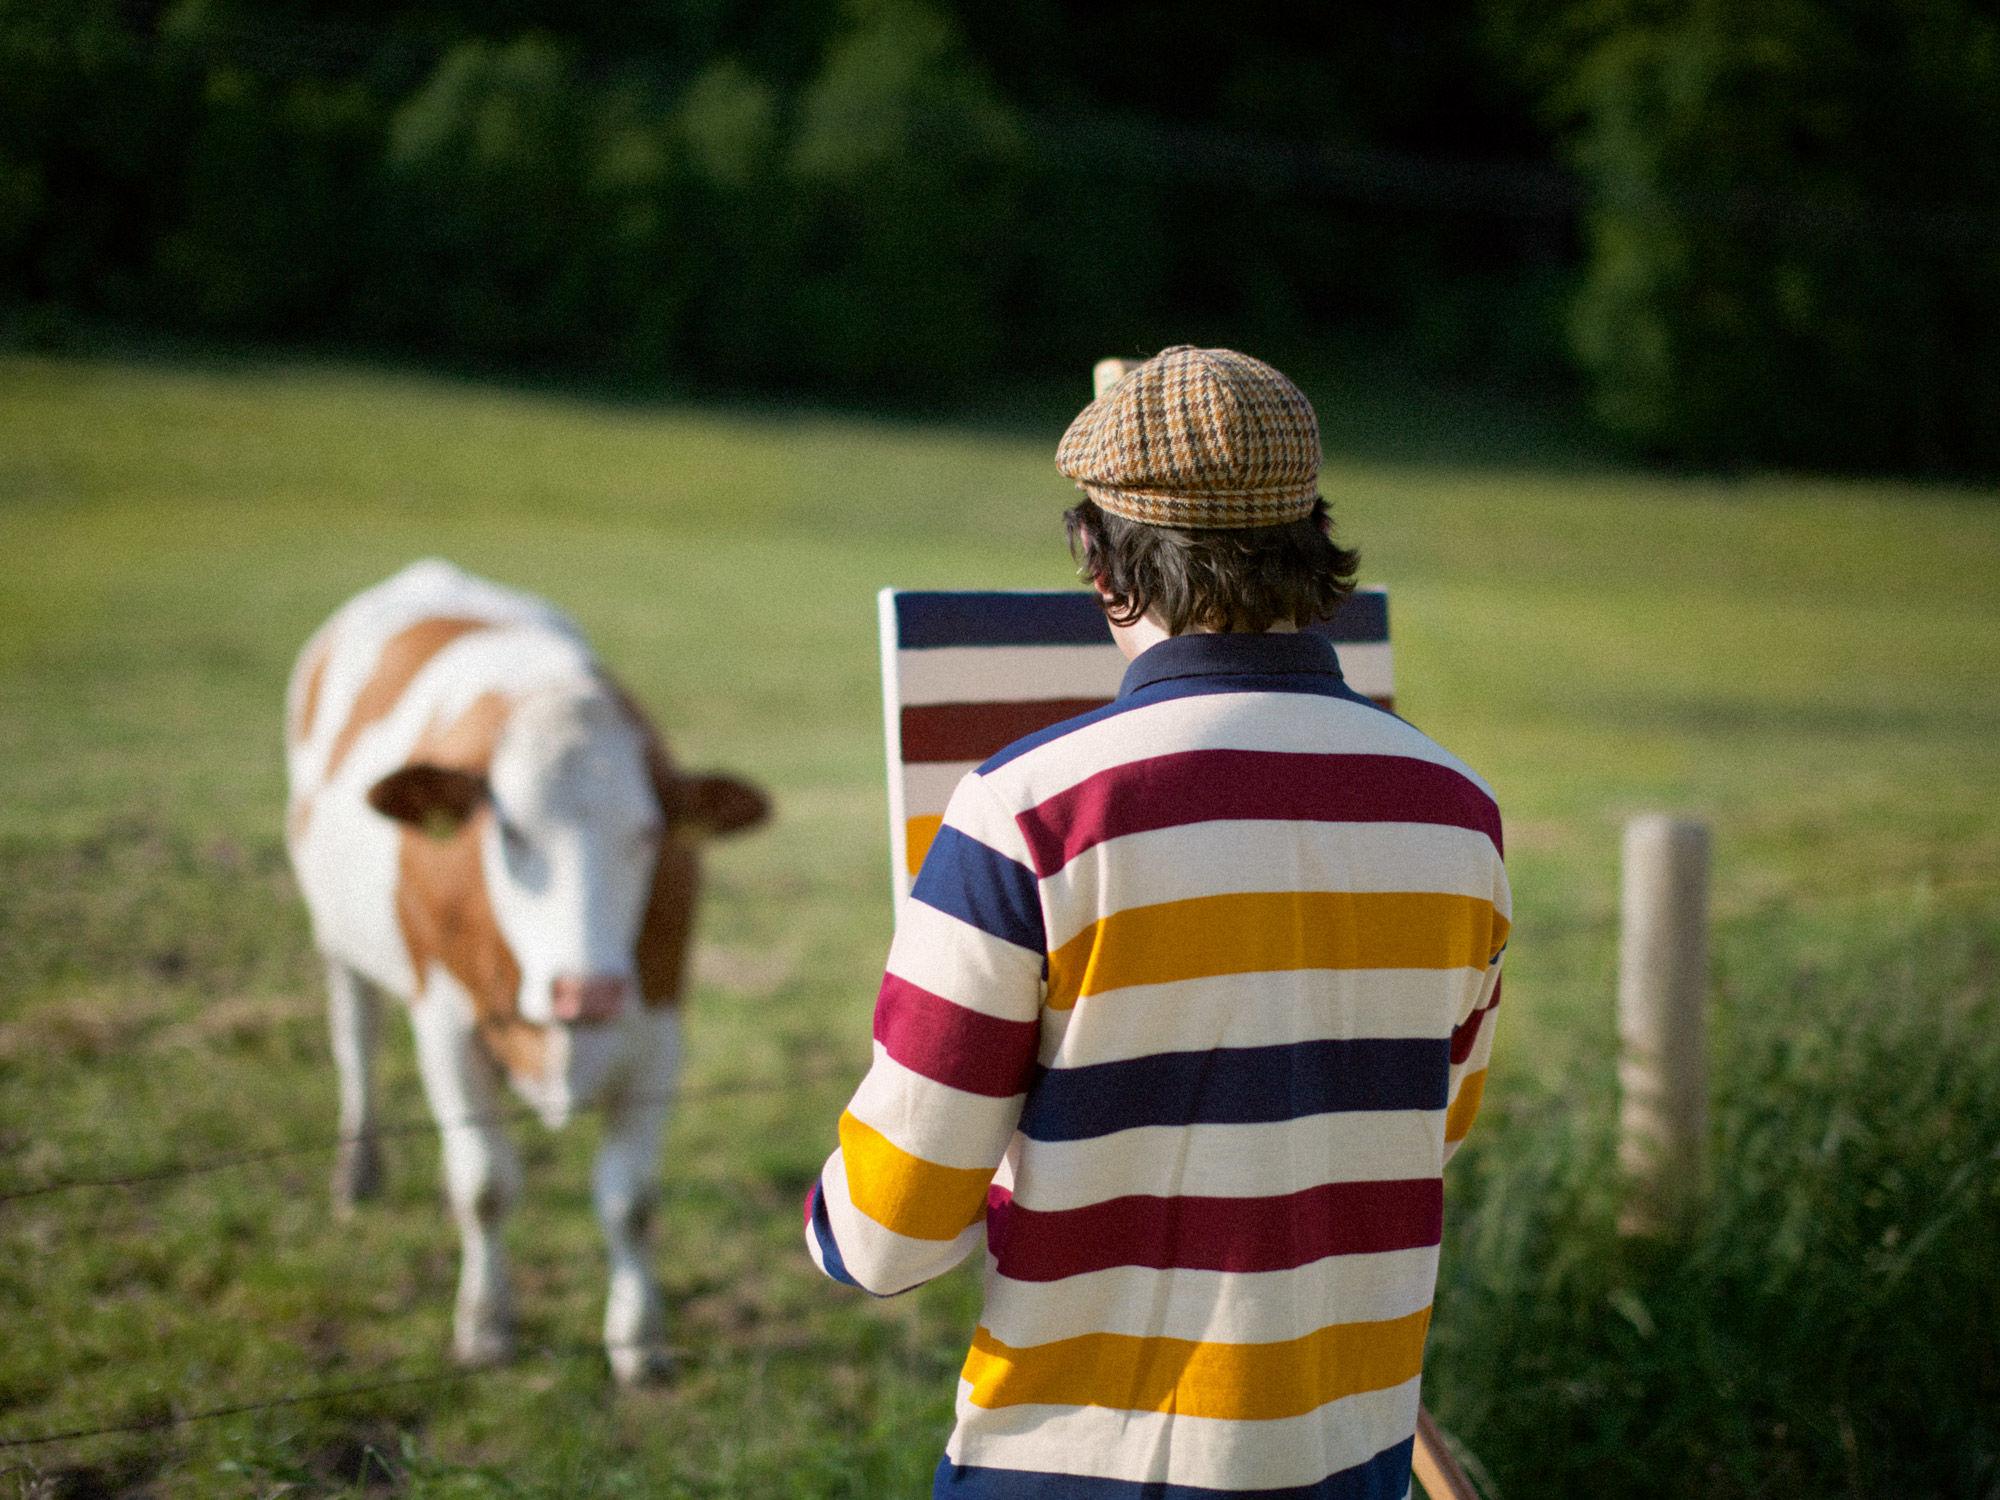 Идея для пленэра: вдохновляясь пейзажами великих, художник Hank Schmidt In Der Beek запечатлевает на холсте узоры своей рубашки